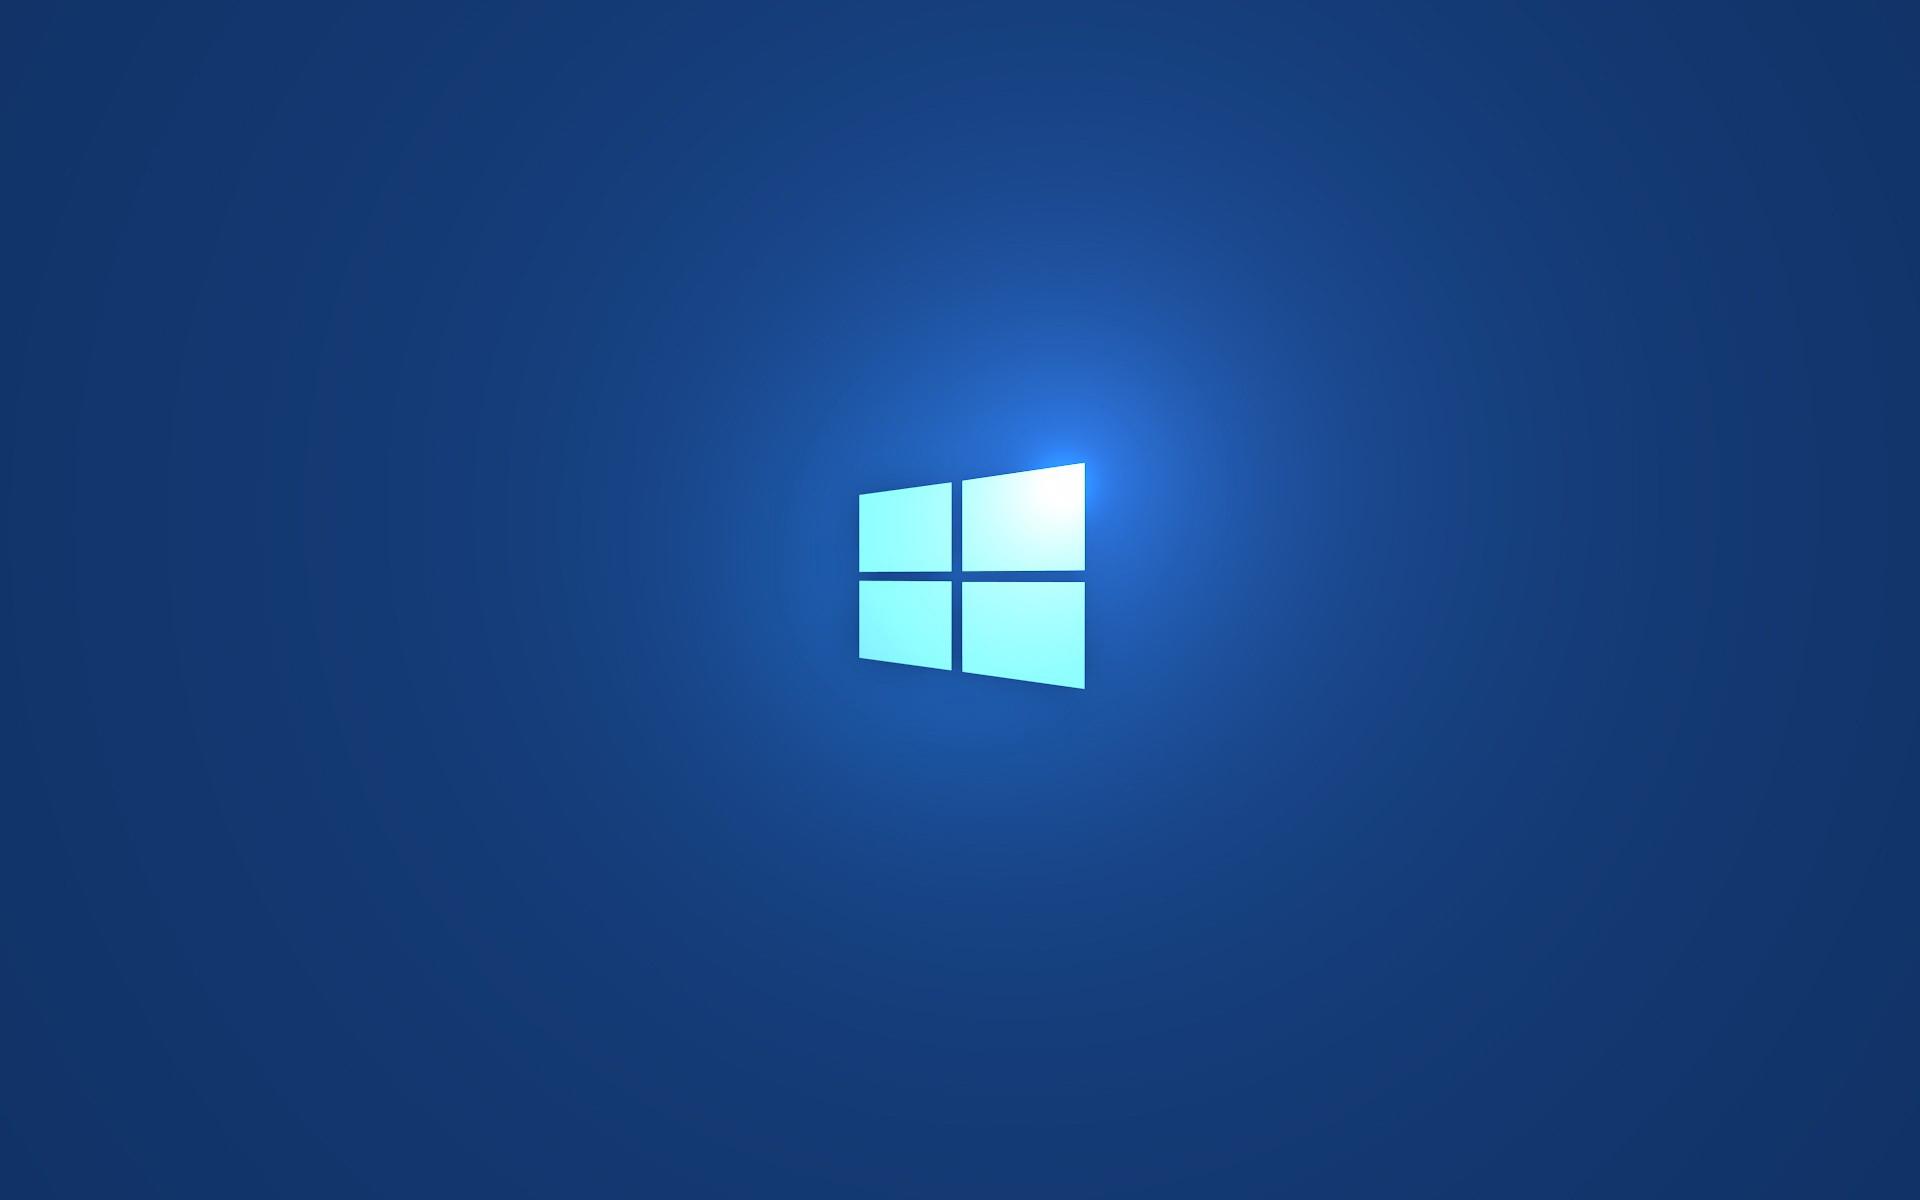 wallpaper gifs windows 10